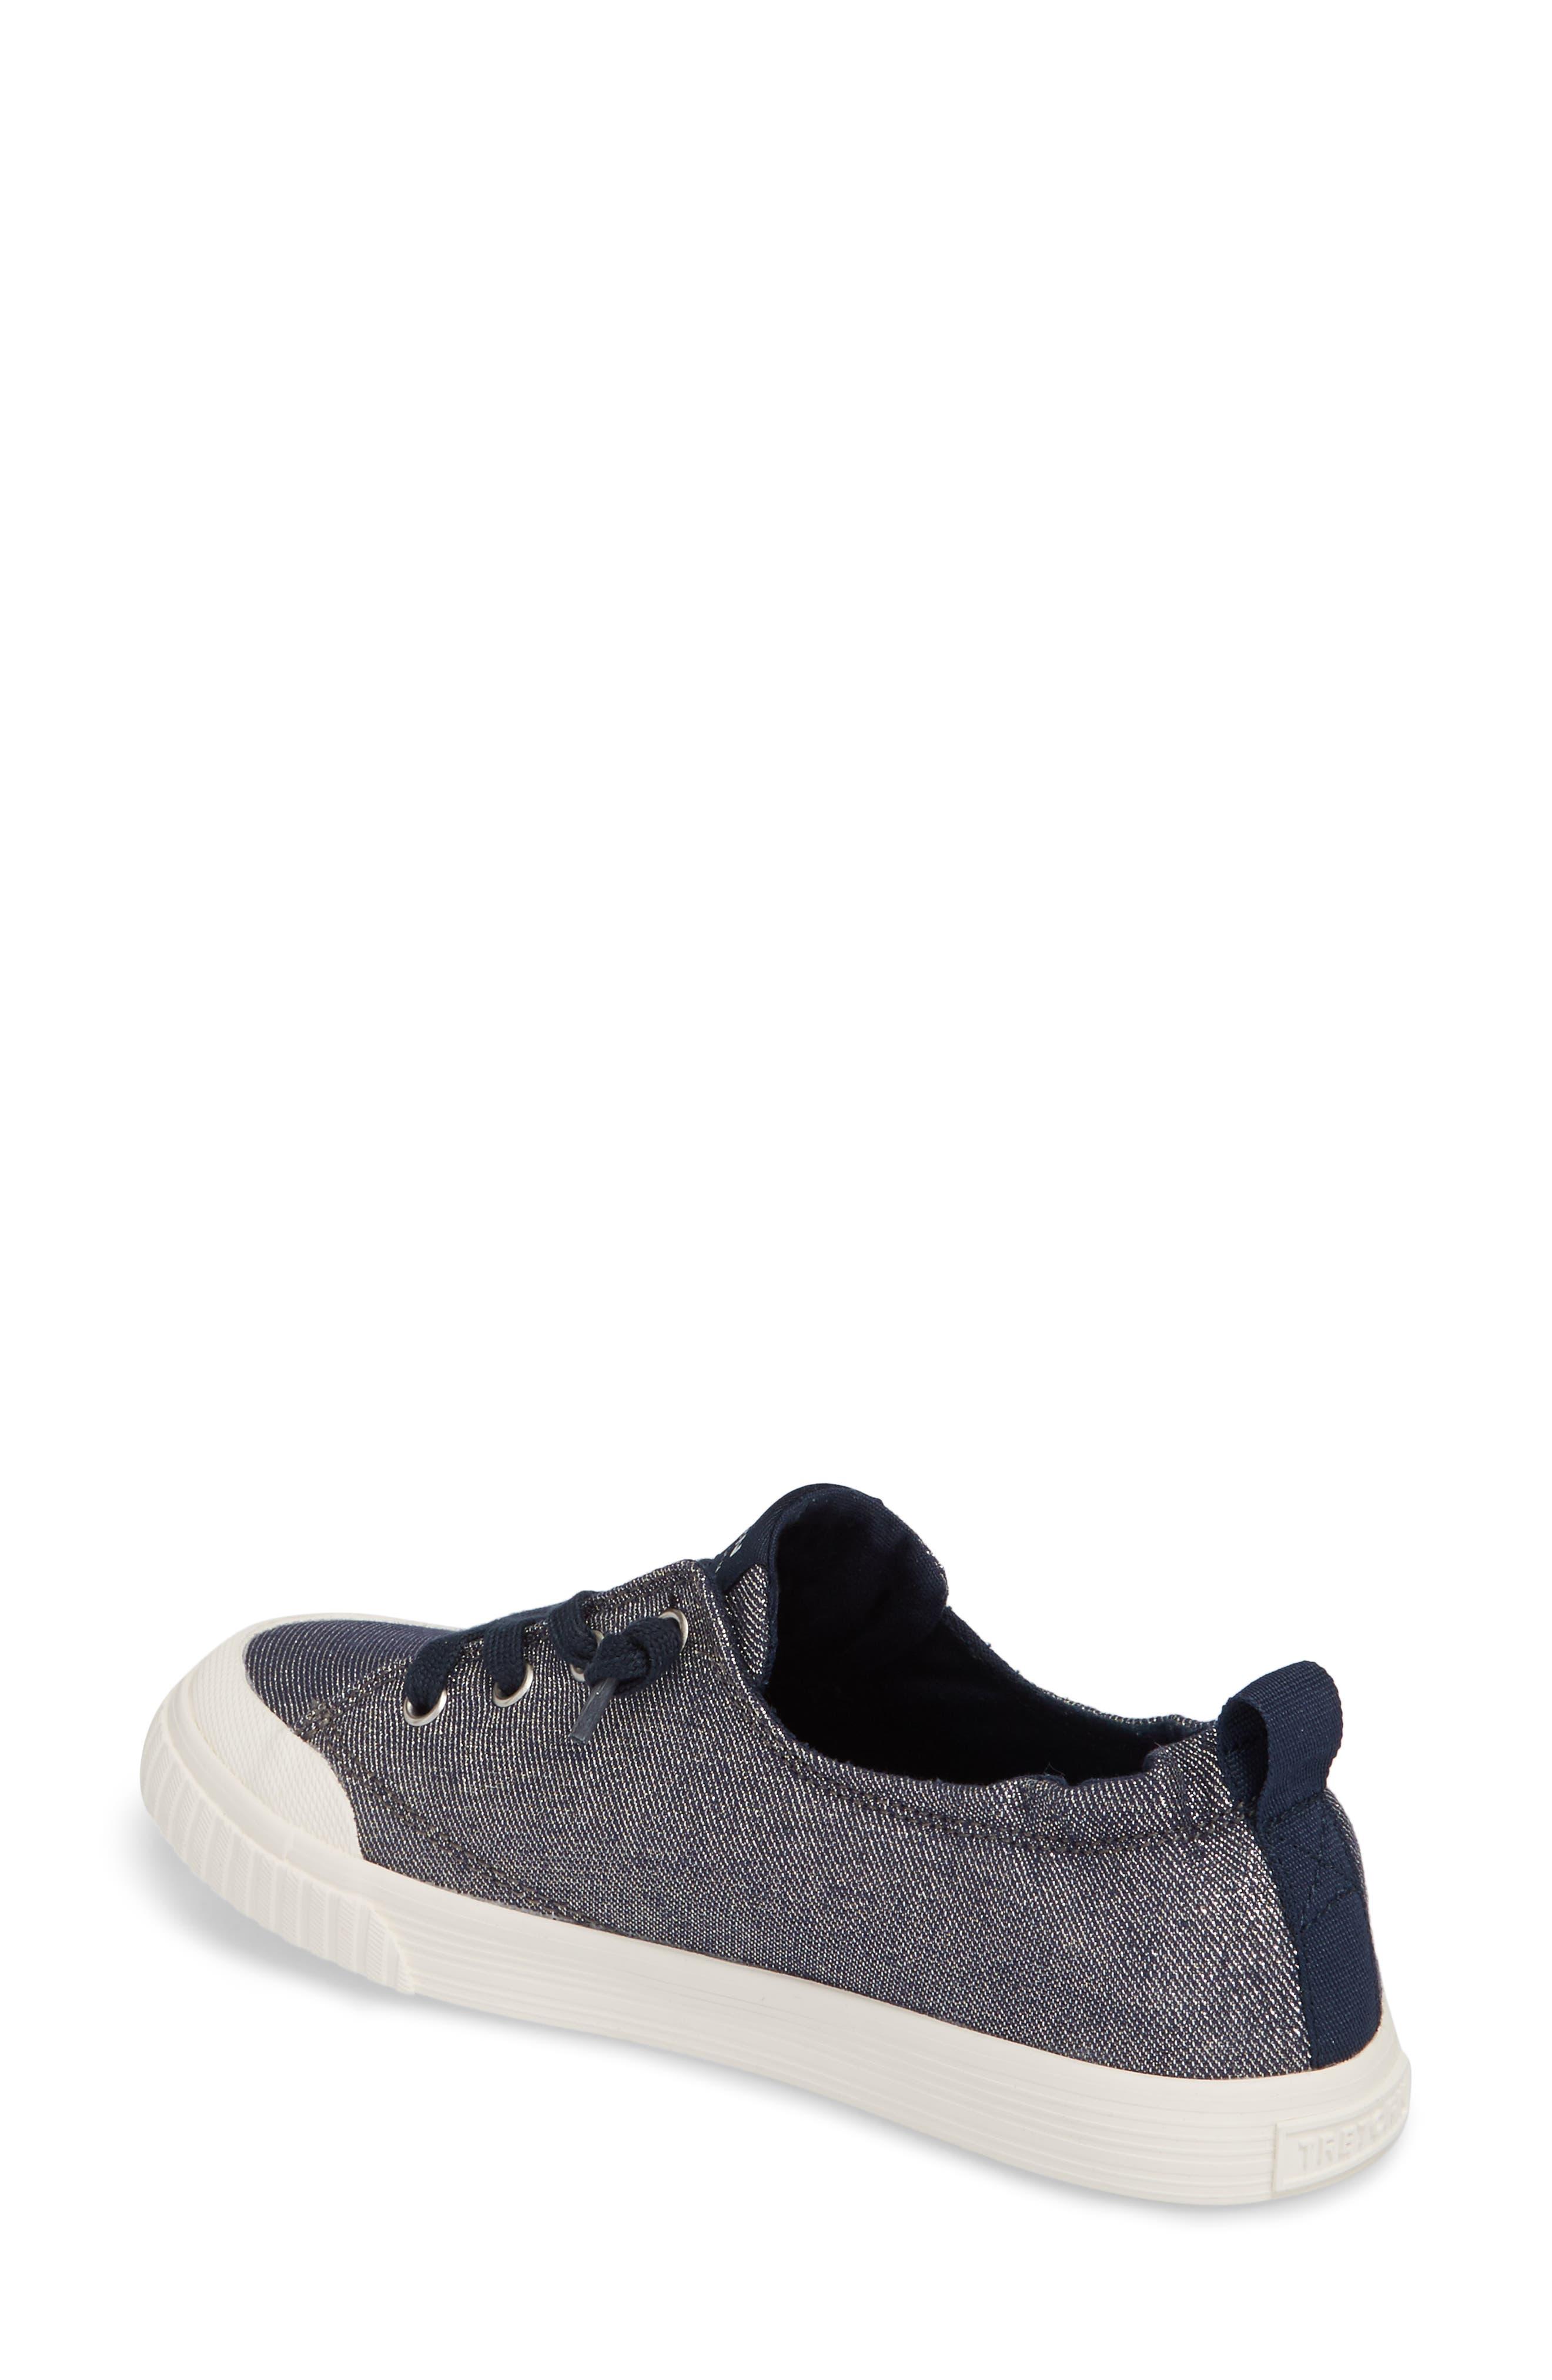 Meg Slip-On Sneaker,                             Alternate thumbnail 7, color,